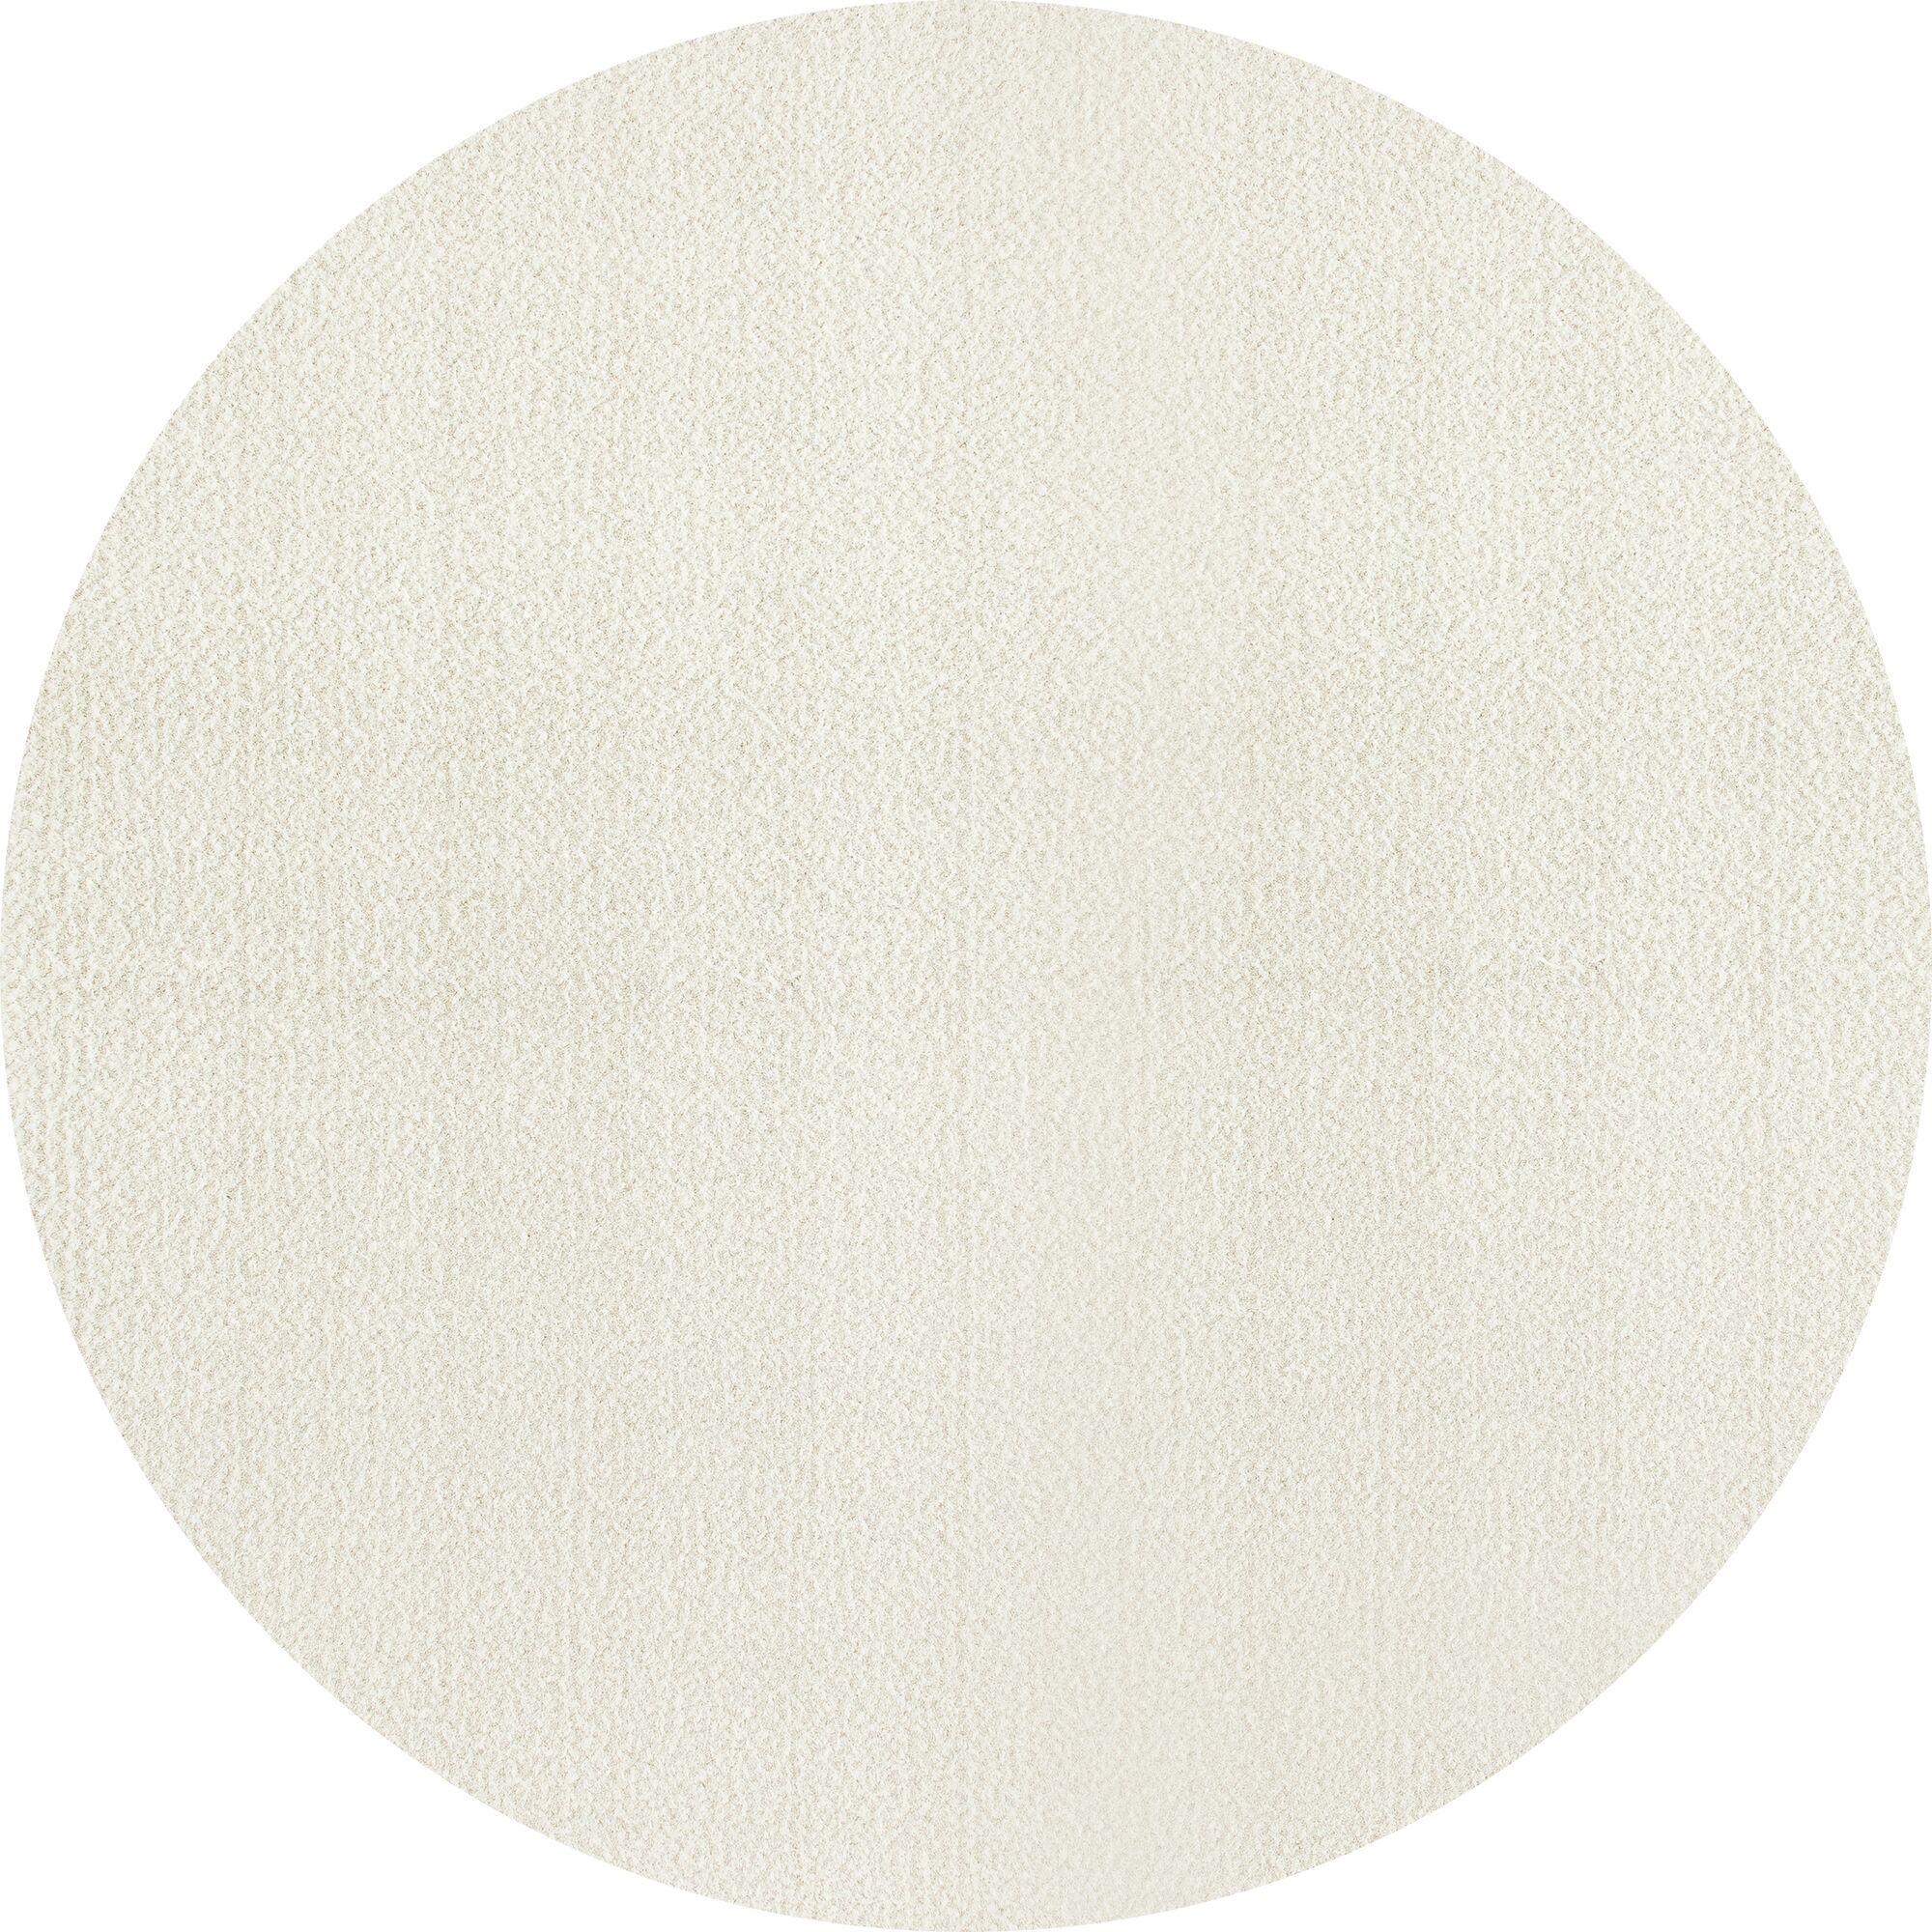 Rangel Cream Area Rug Rug Size: Round 7' 10